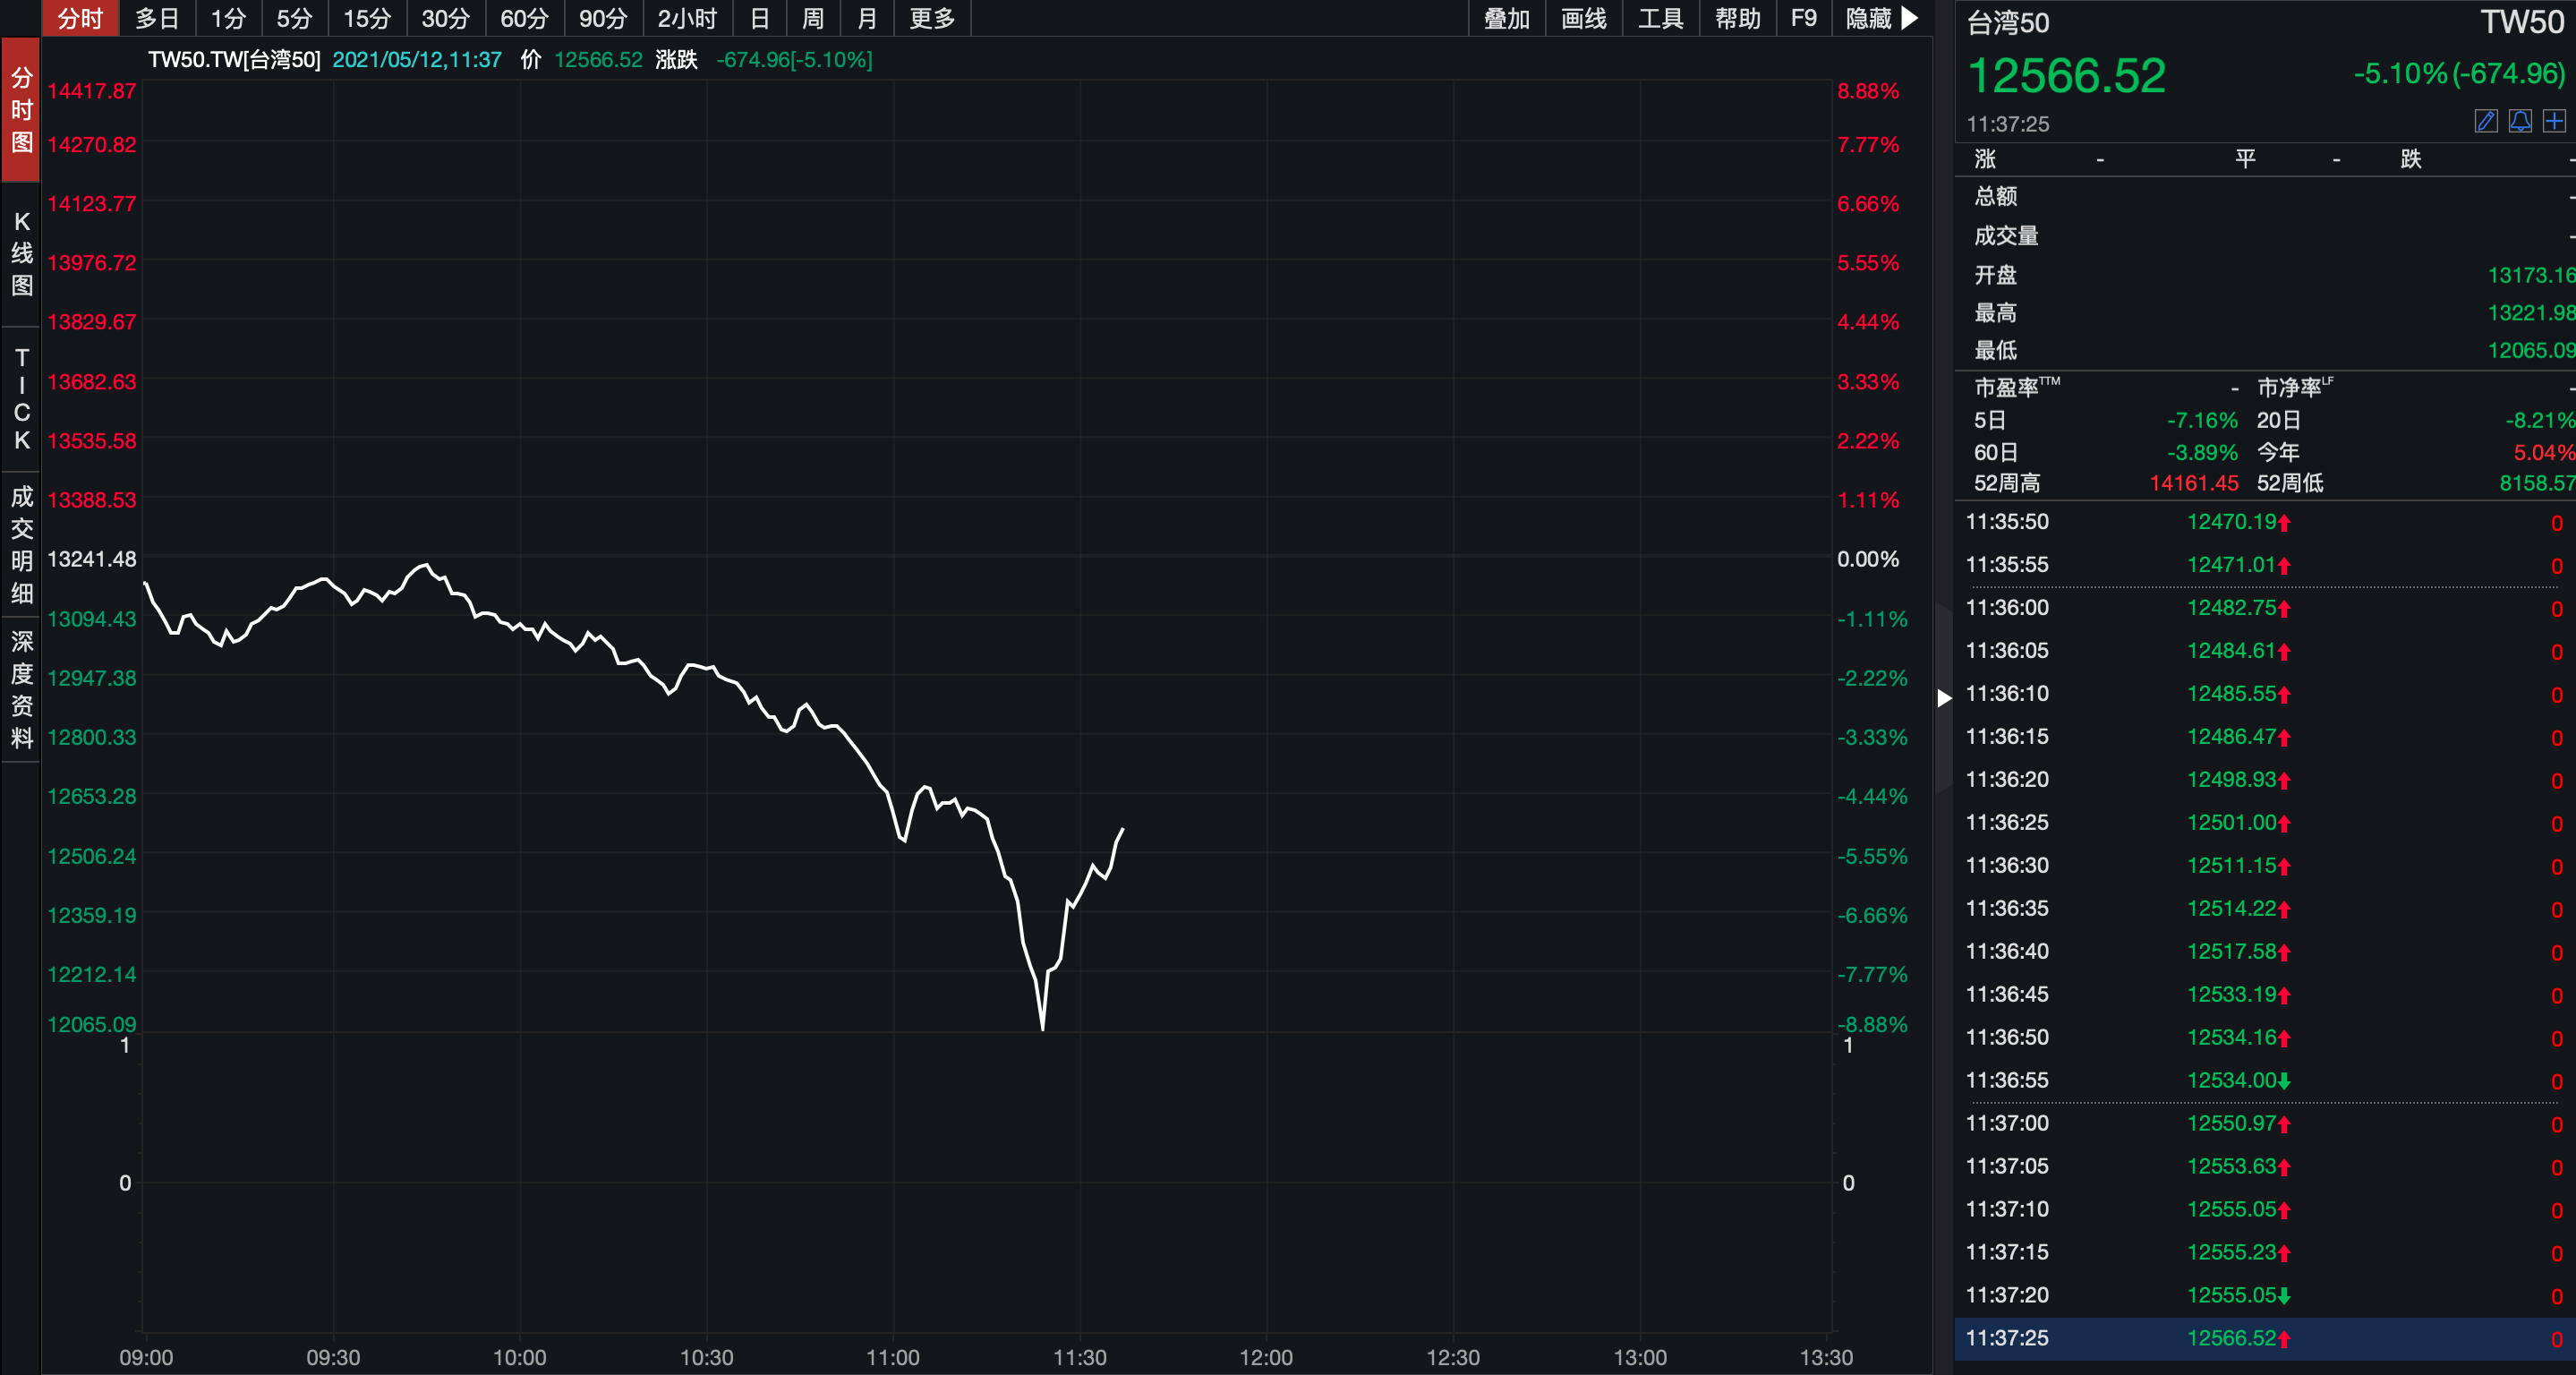 突发!中国台湾加权指数日内重挫8%!2个交易日一度暴跌超2000点